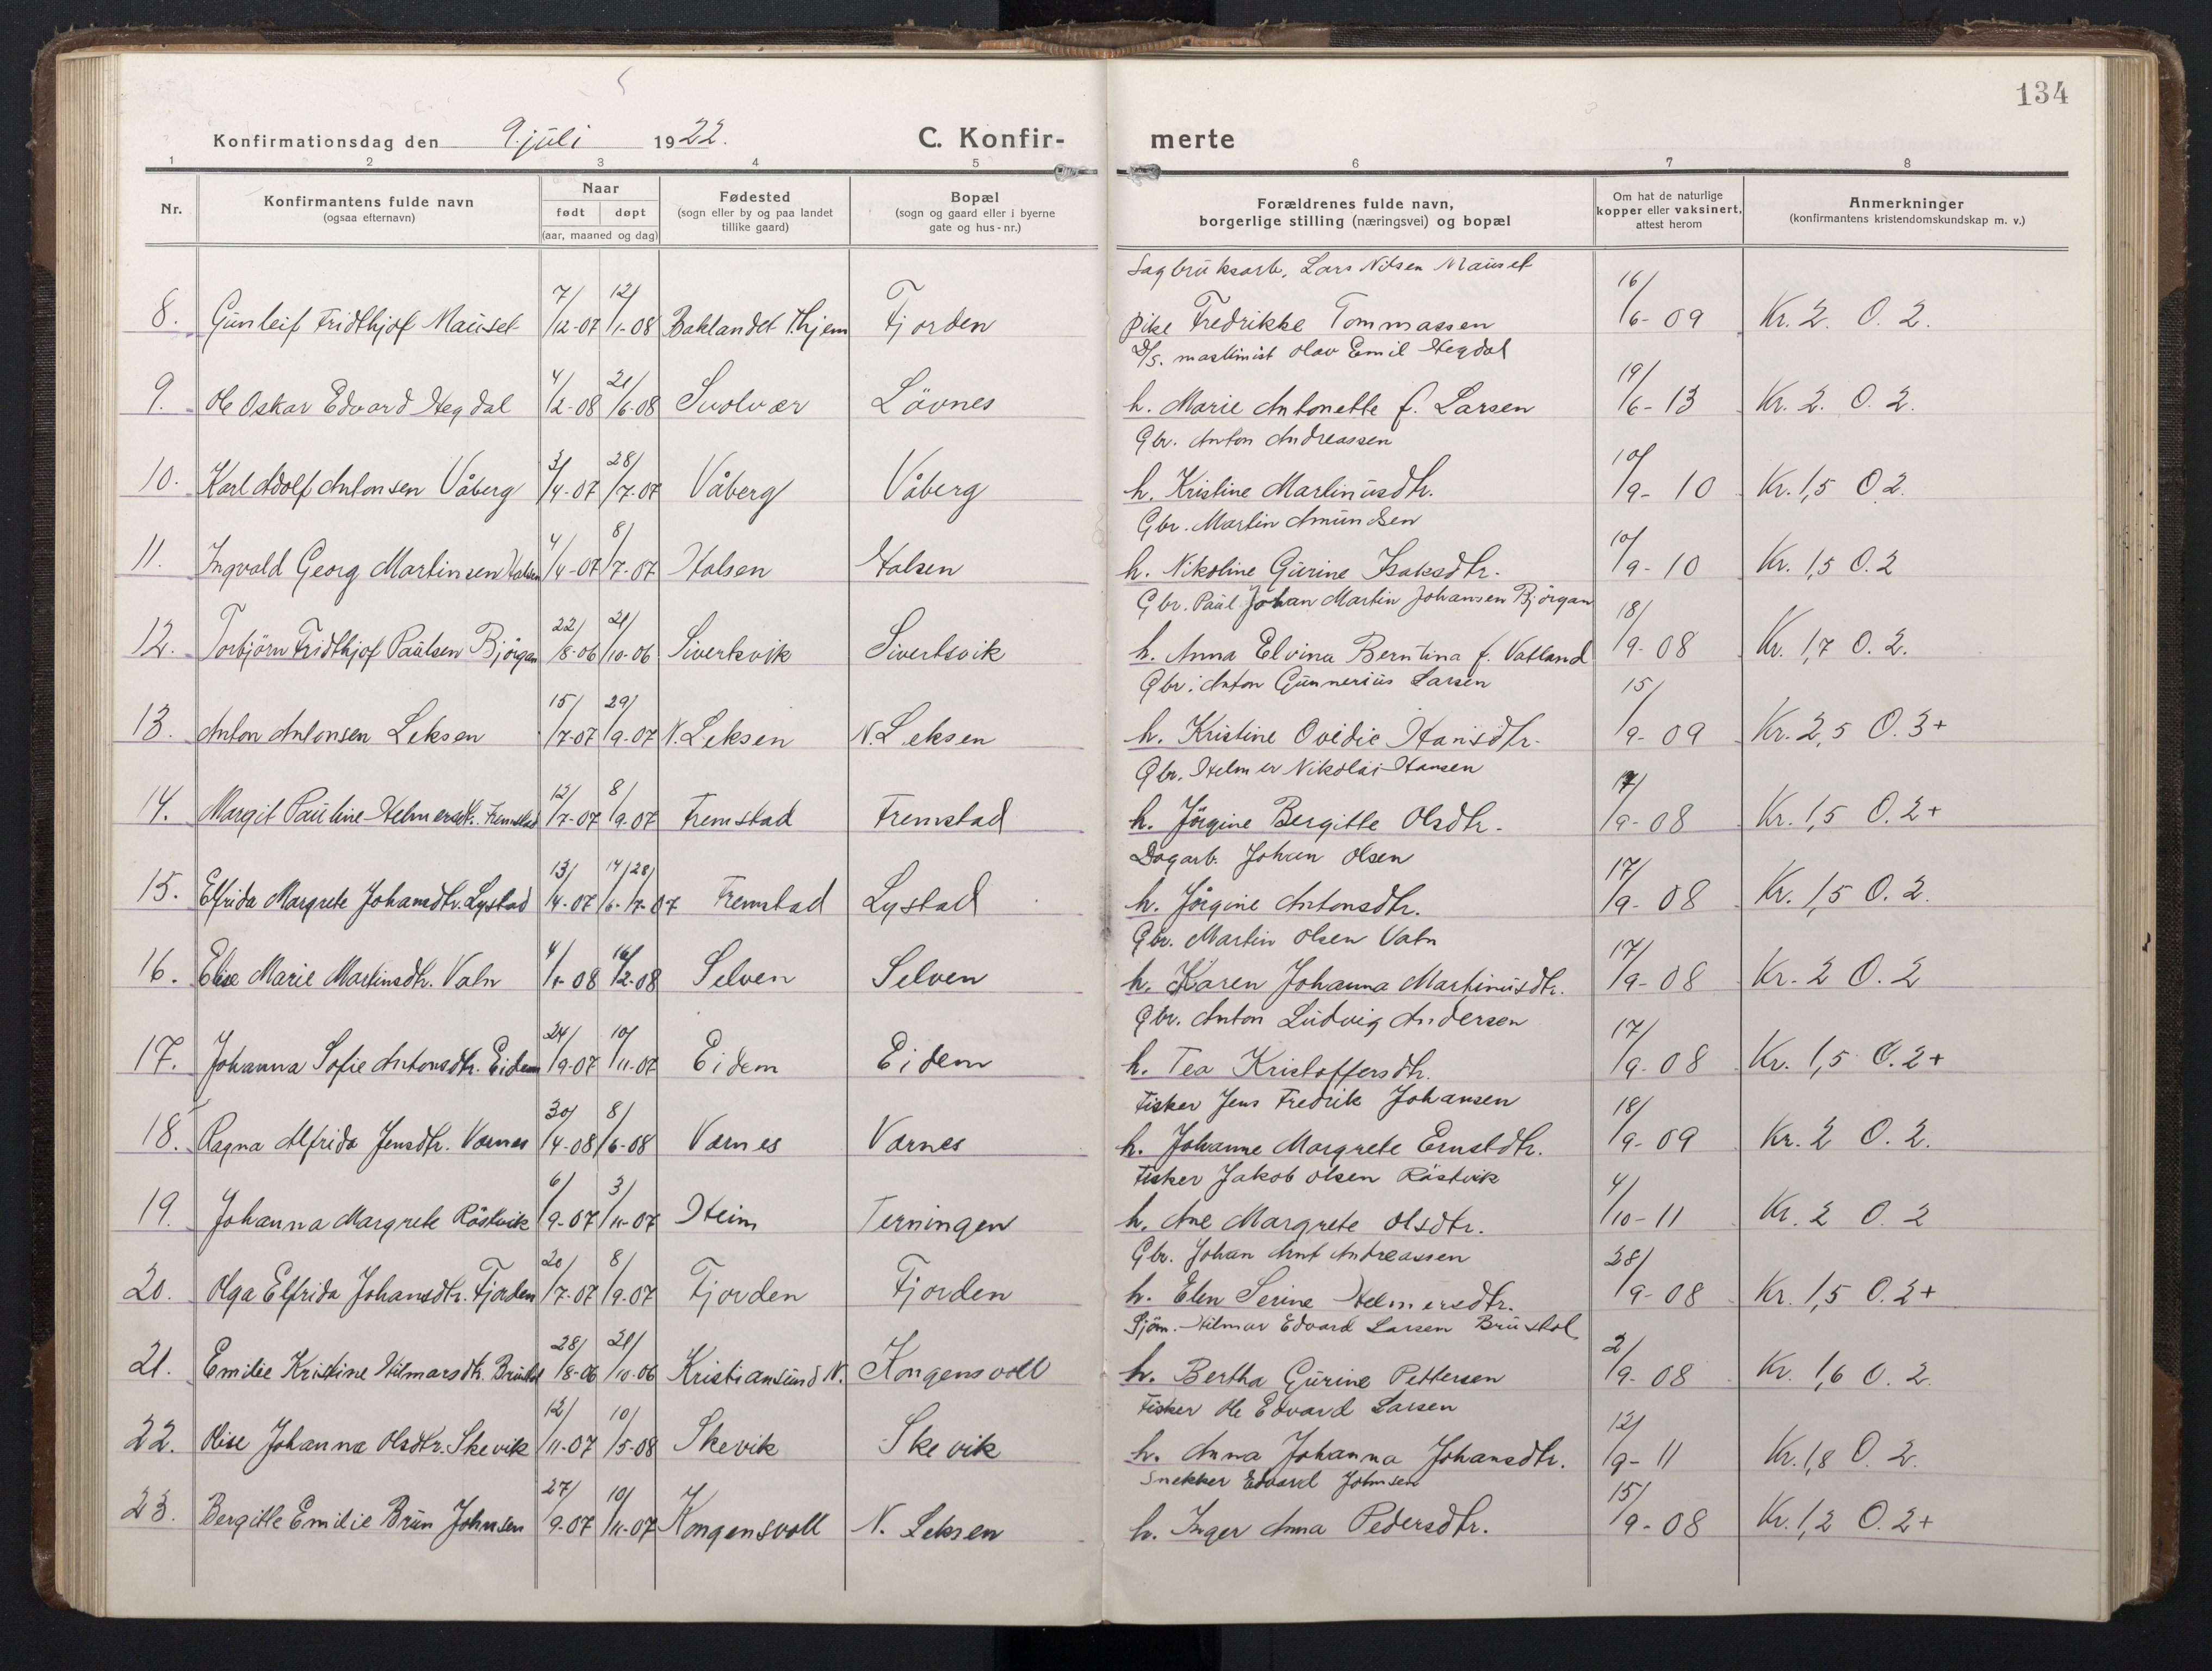 SAT, Ministerialprotokoller, klokkerbøker og fødselsregistre - Sør-Trøndelag, 662/L0758: Klokkerbok nr. 662C03, 1918-1948, s. 134